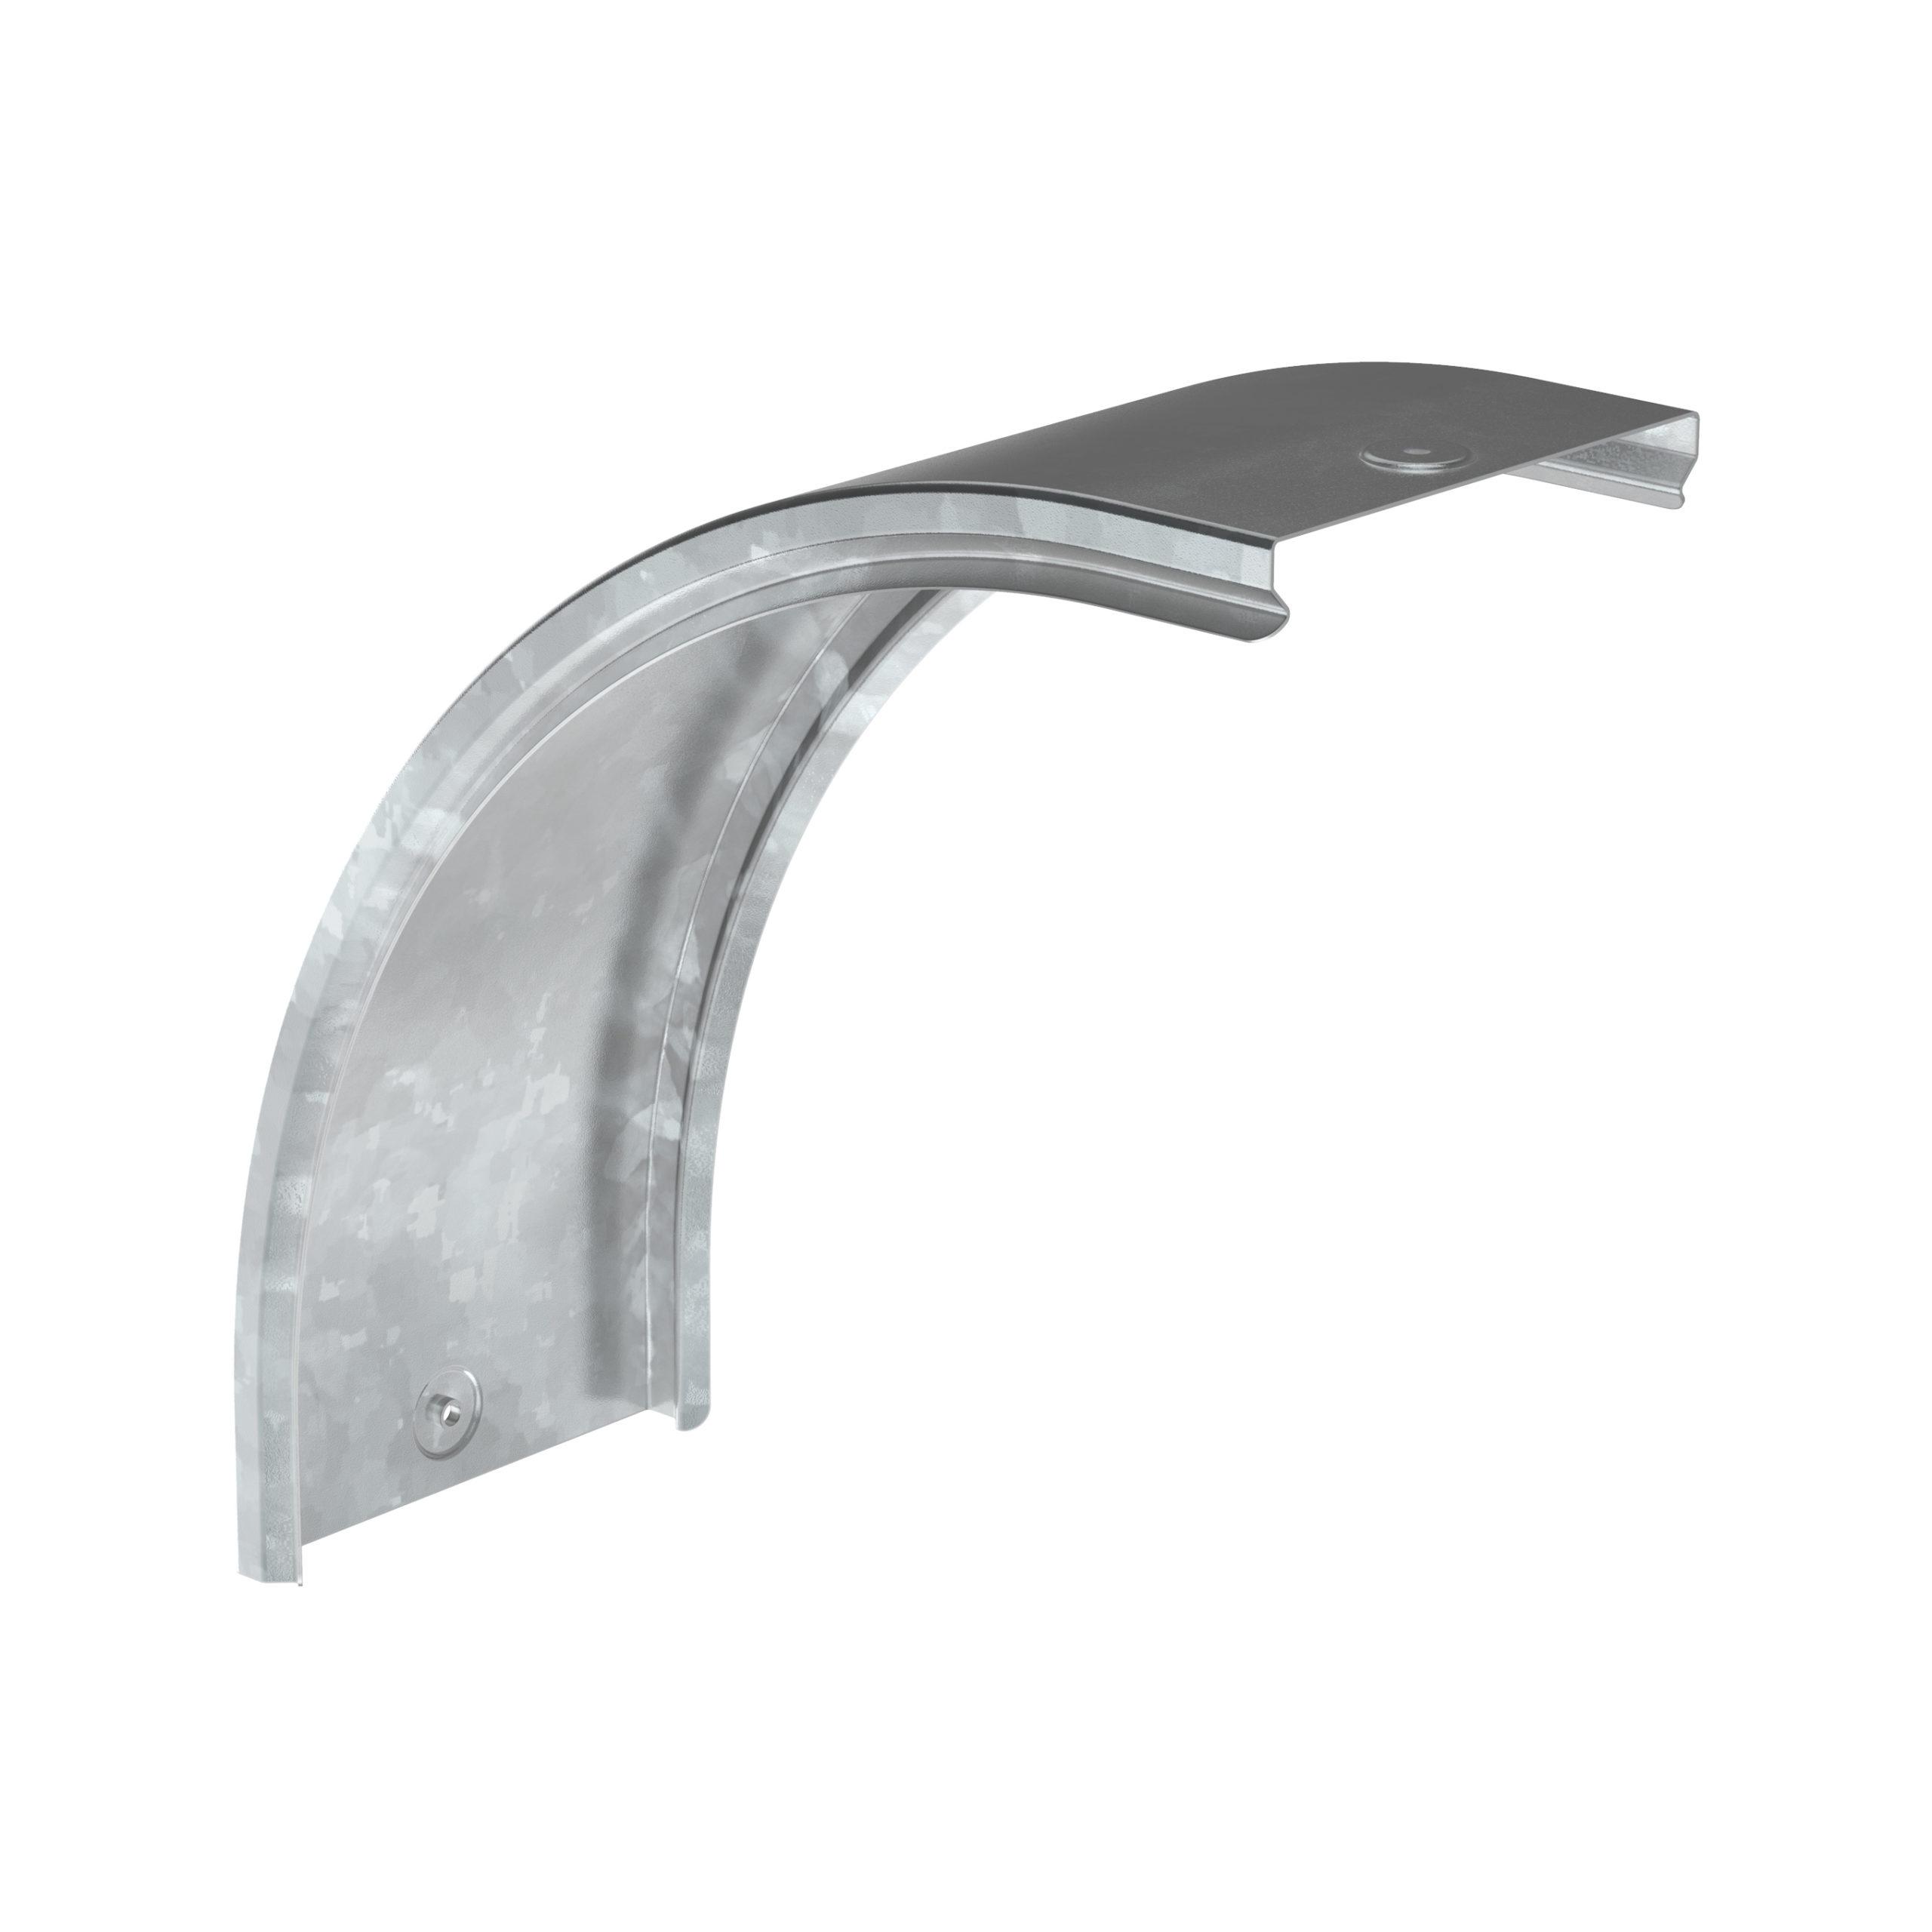 Крышка поворота плавного 90град вертикального внешнего (тип В20) ESCA 80мм HDZ IEK 1